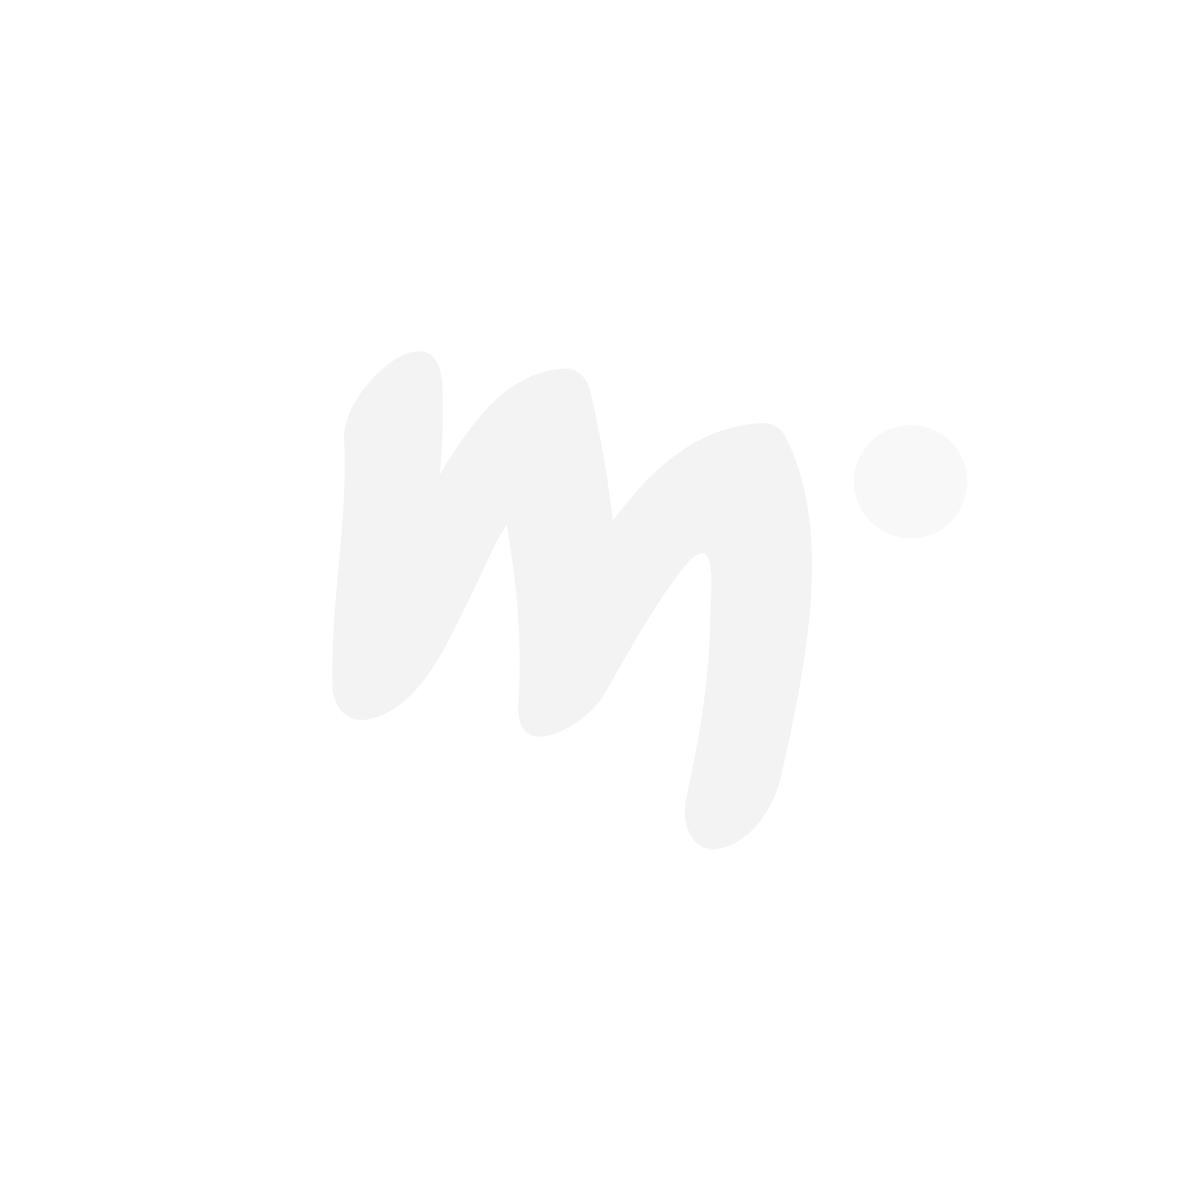 Moomin Advent Calendar 2021